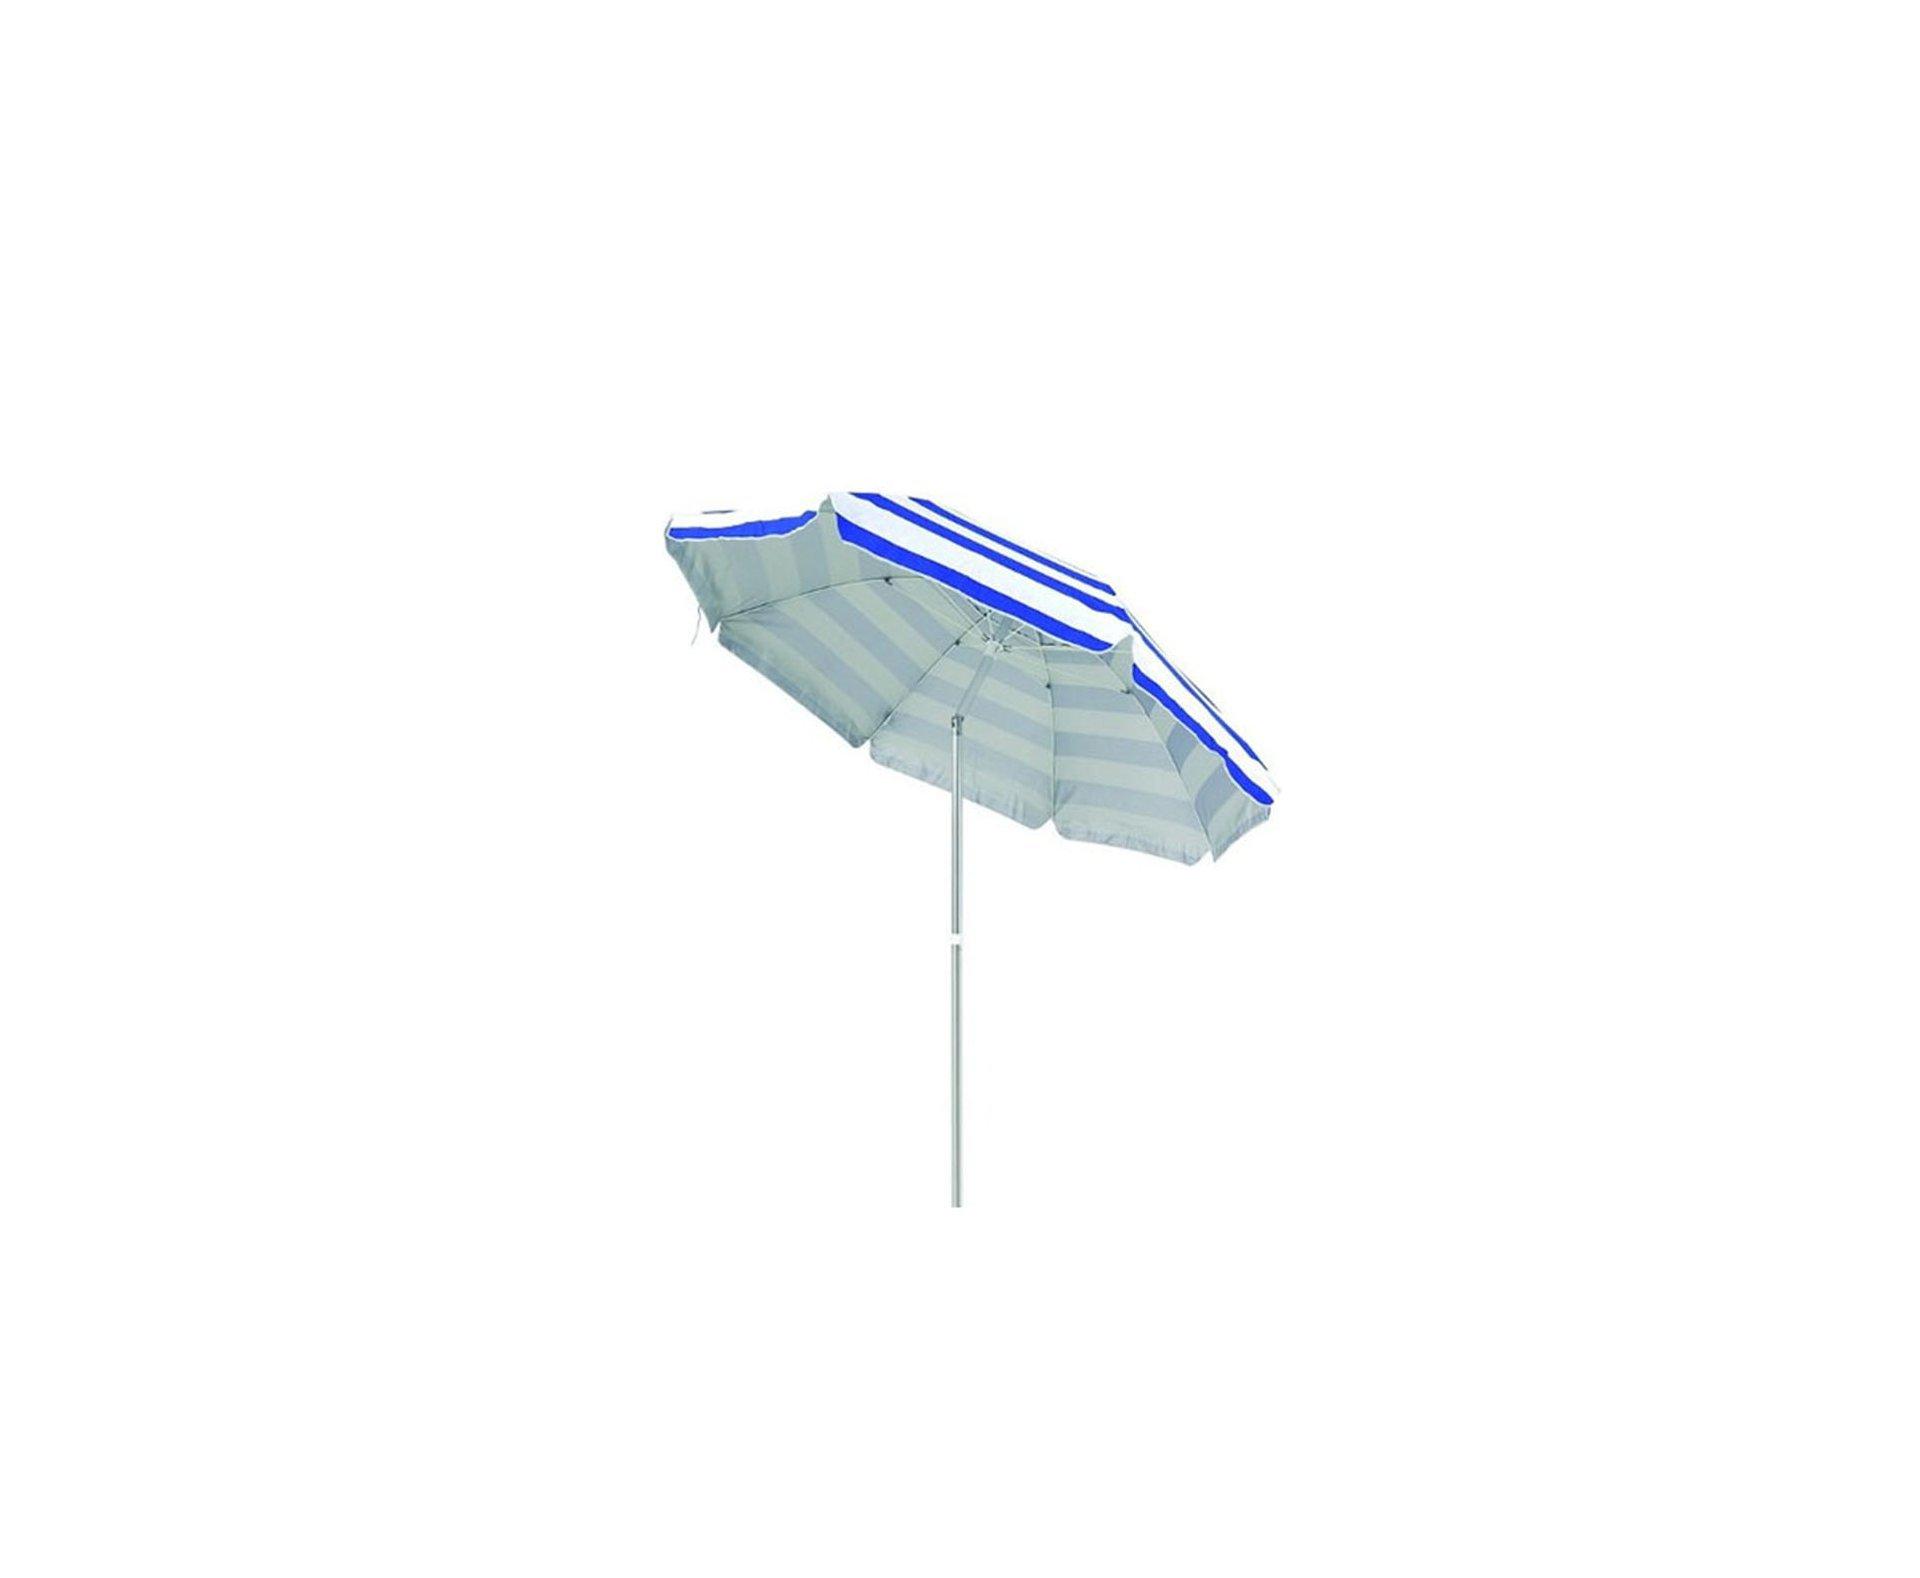 Guarda - Sol 2,4m Alumínio Azul  - Mor